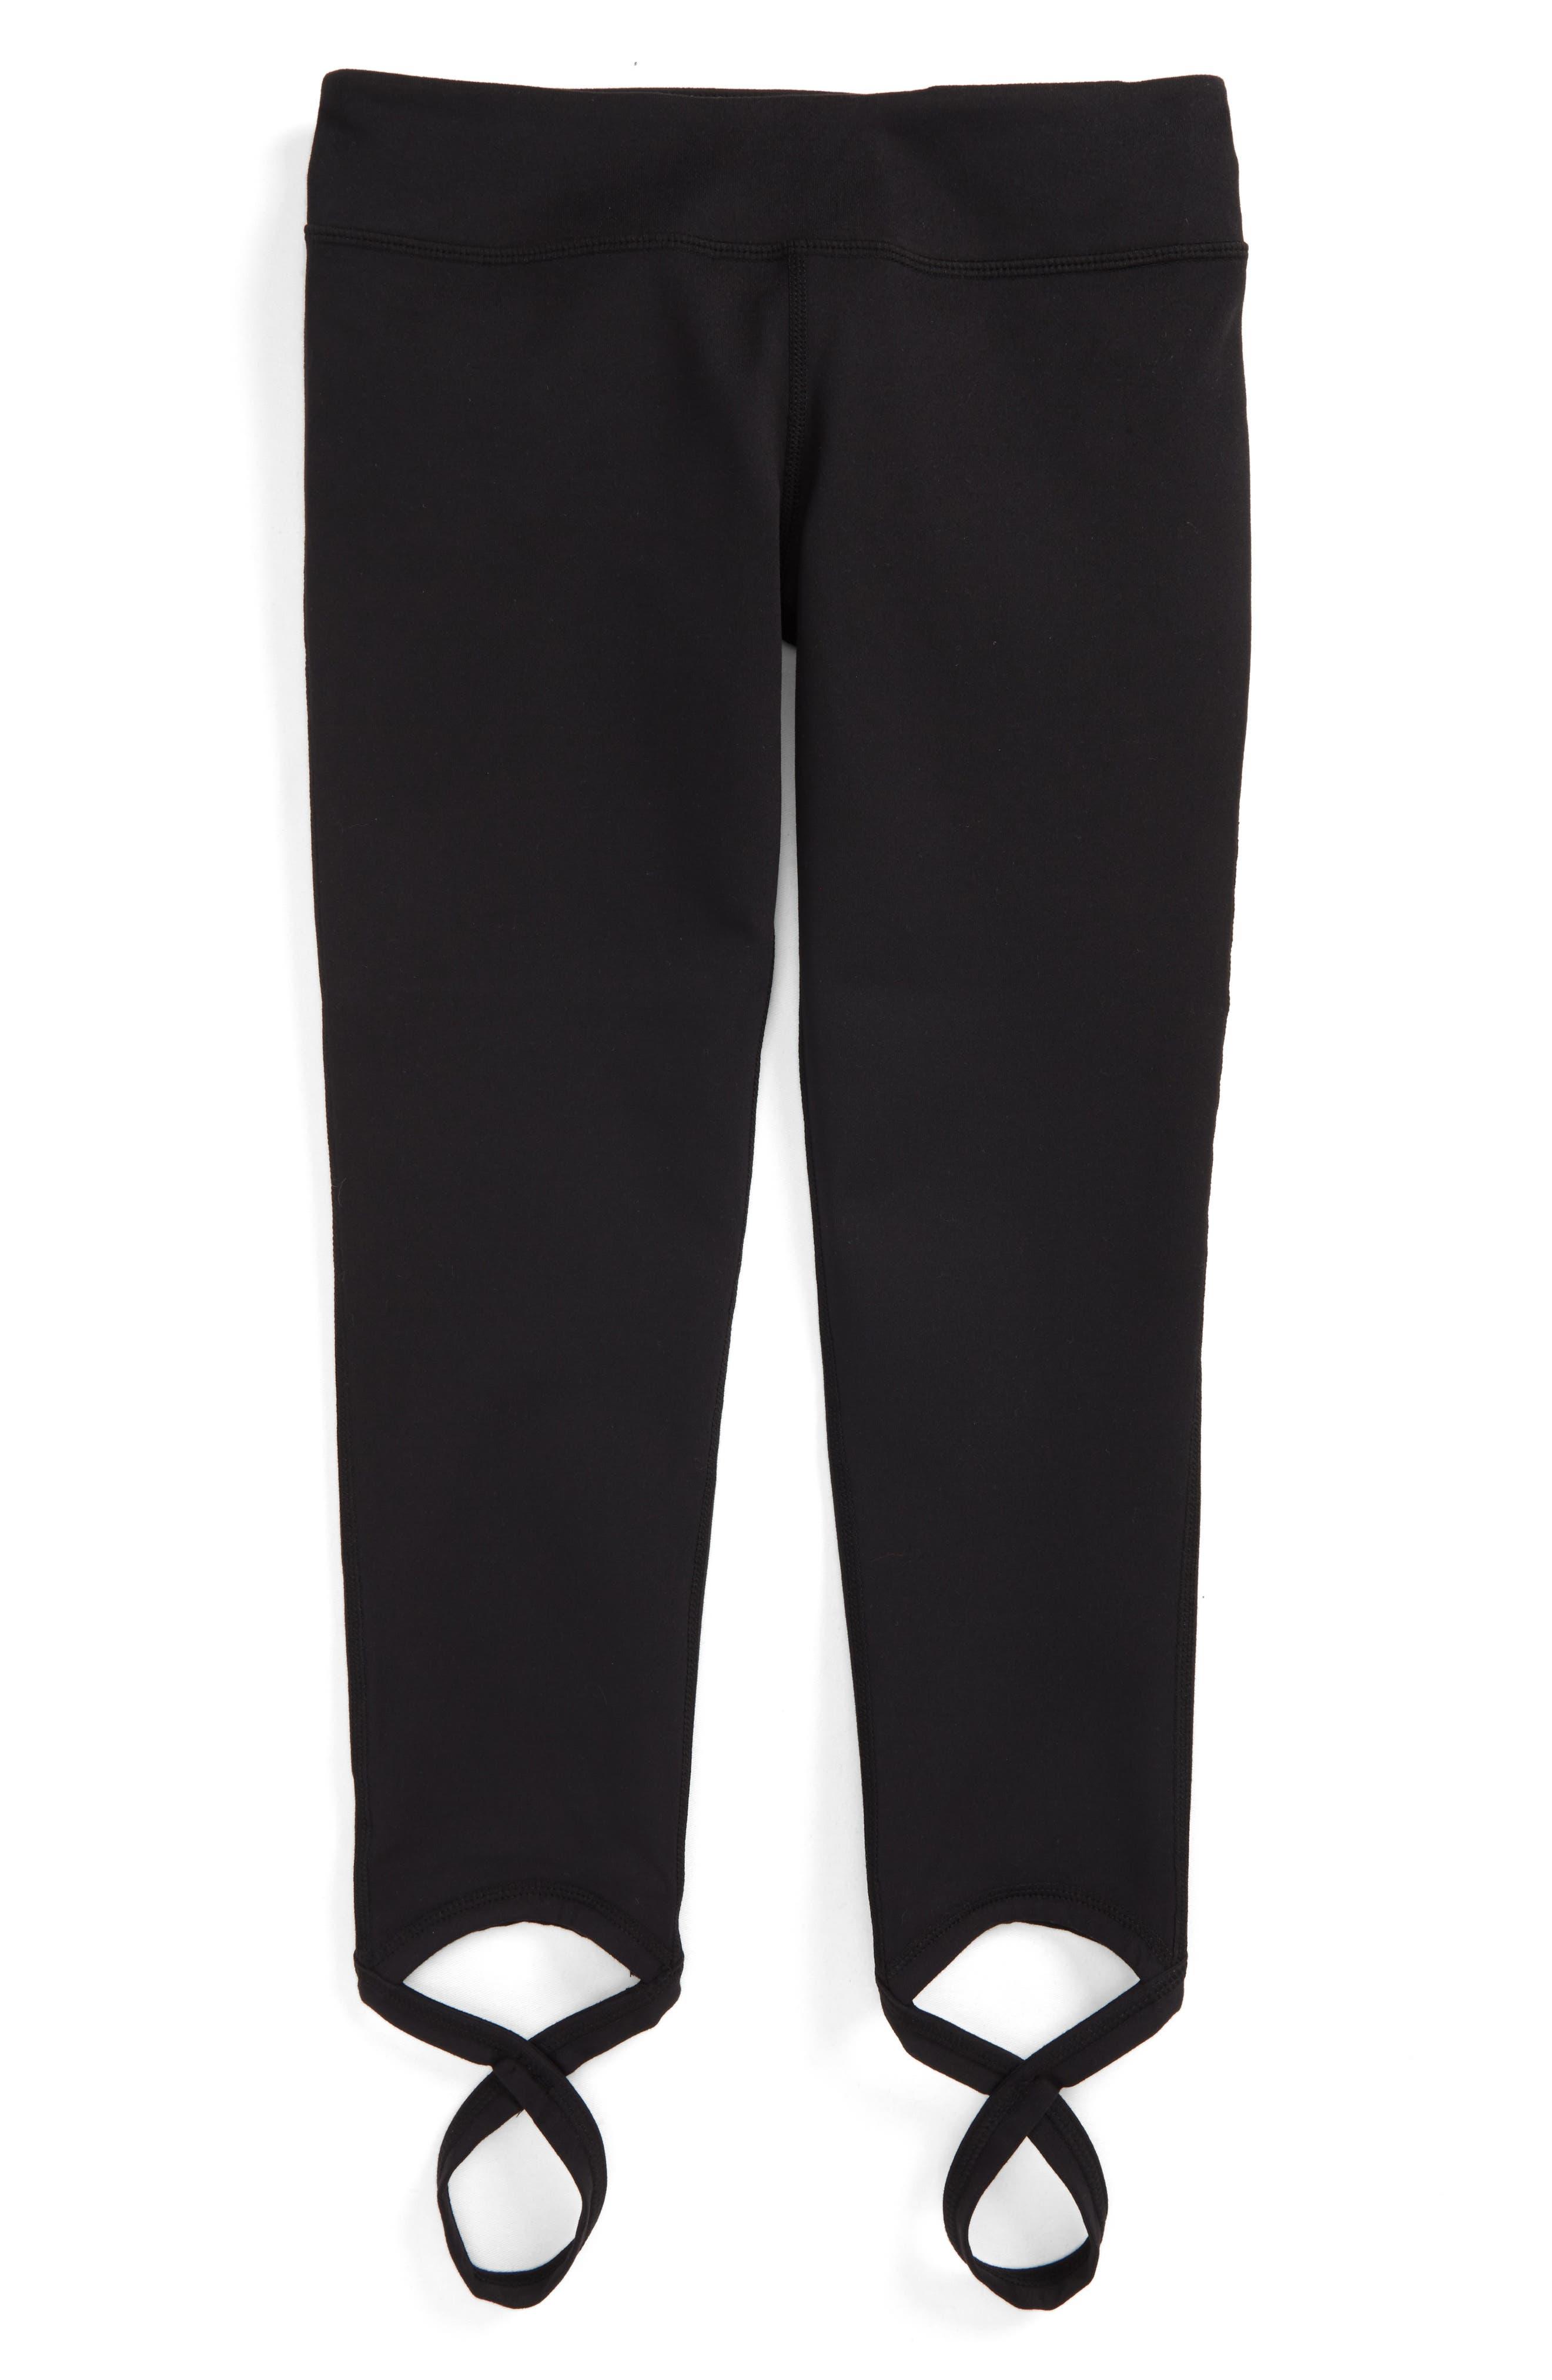 Zella Ankle Wrap Crop Leggings,                         Main,                         color, Black